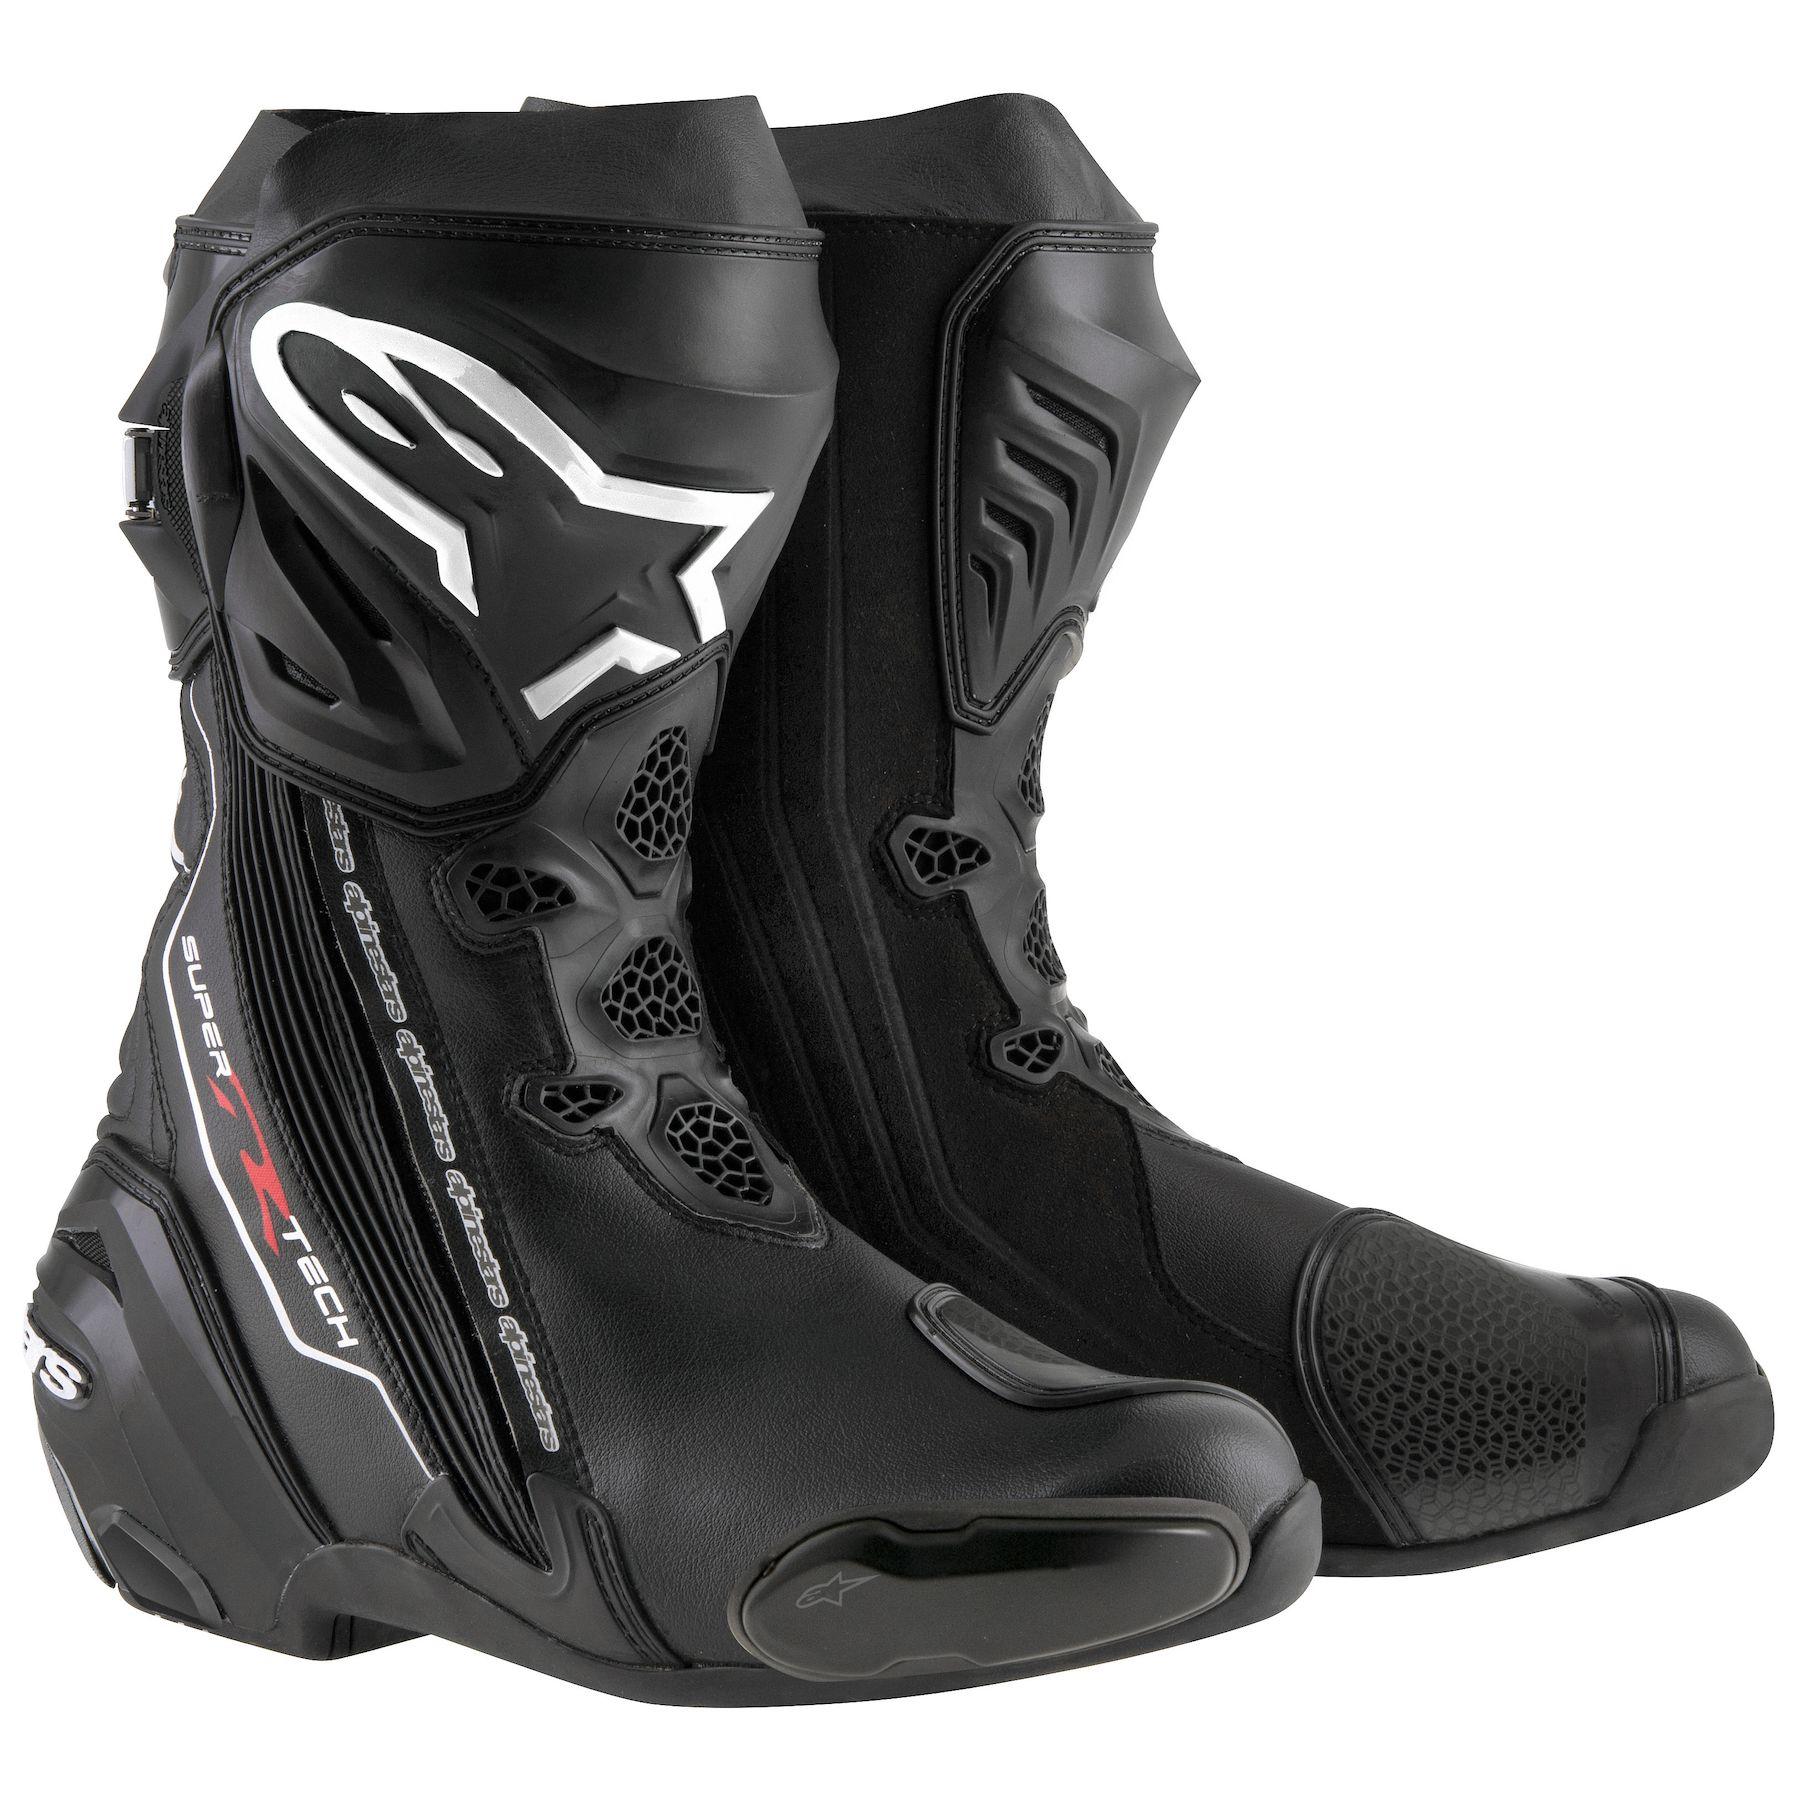 Topánky SUPERTECH R, ALPINESTARS (čierne)